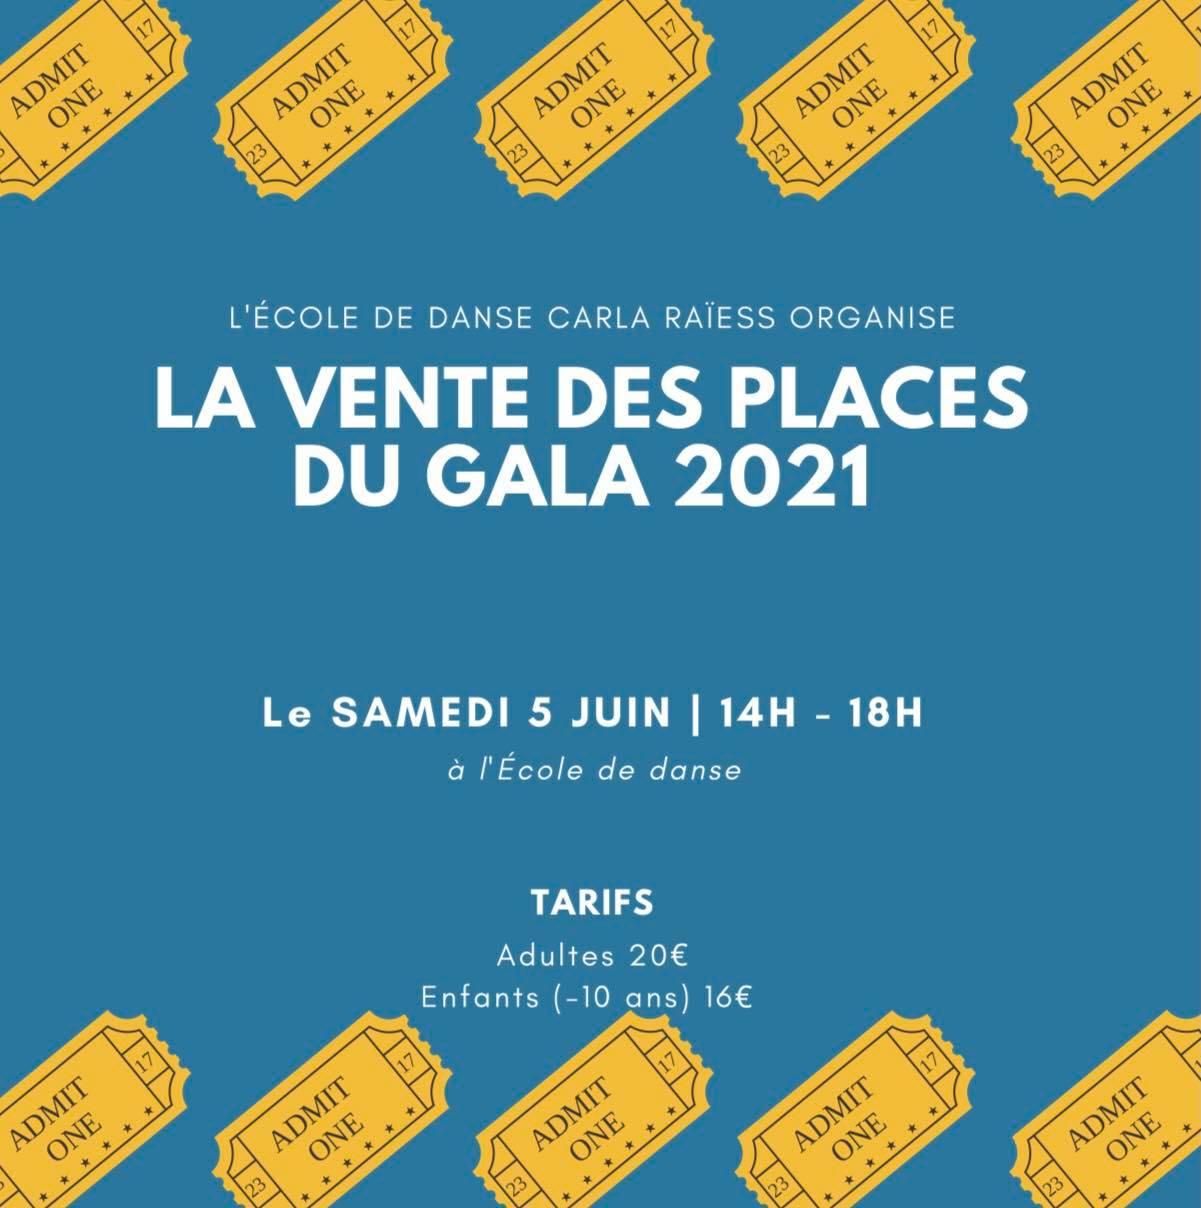 gala juin 2021 école de danse carla raïess à ollioules